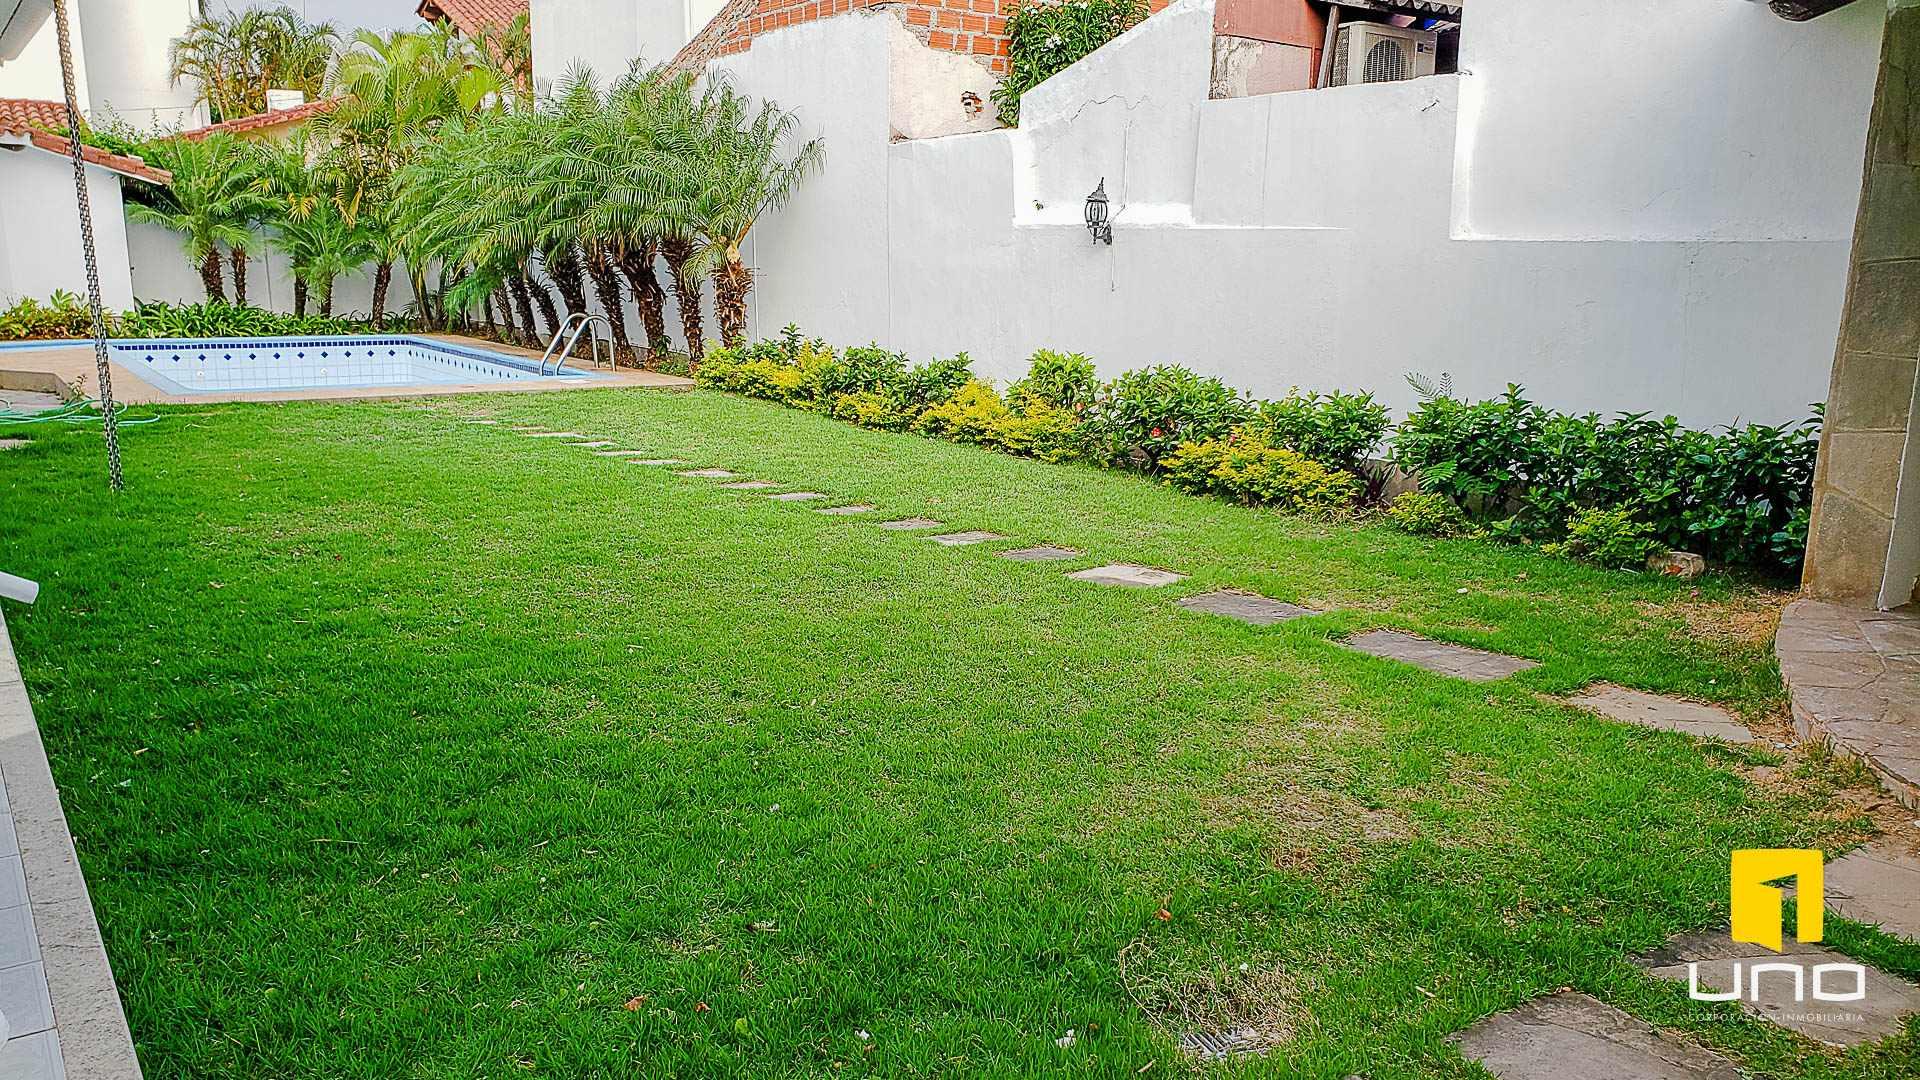 Casa en Alquiler BARRIO EQUIPETROL ALQUILO AMPLIA CASA PARA OFICINAS Foto 10